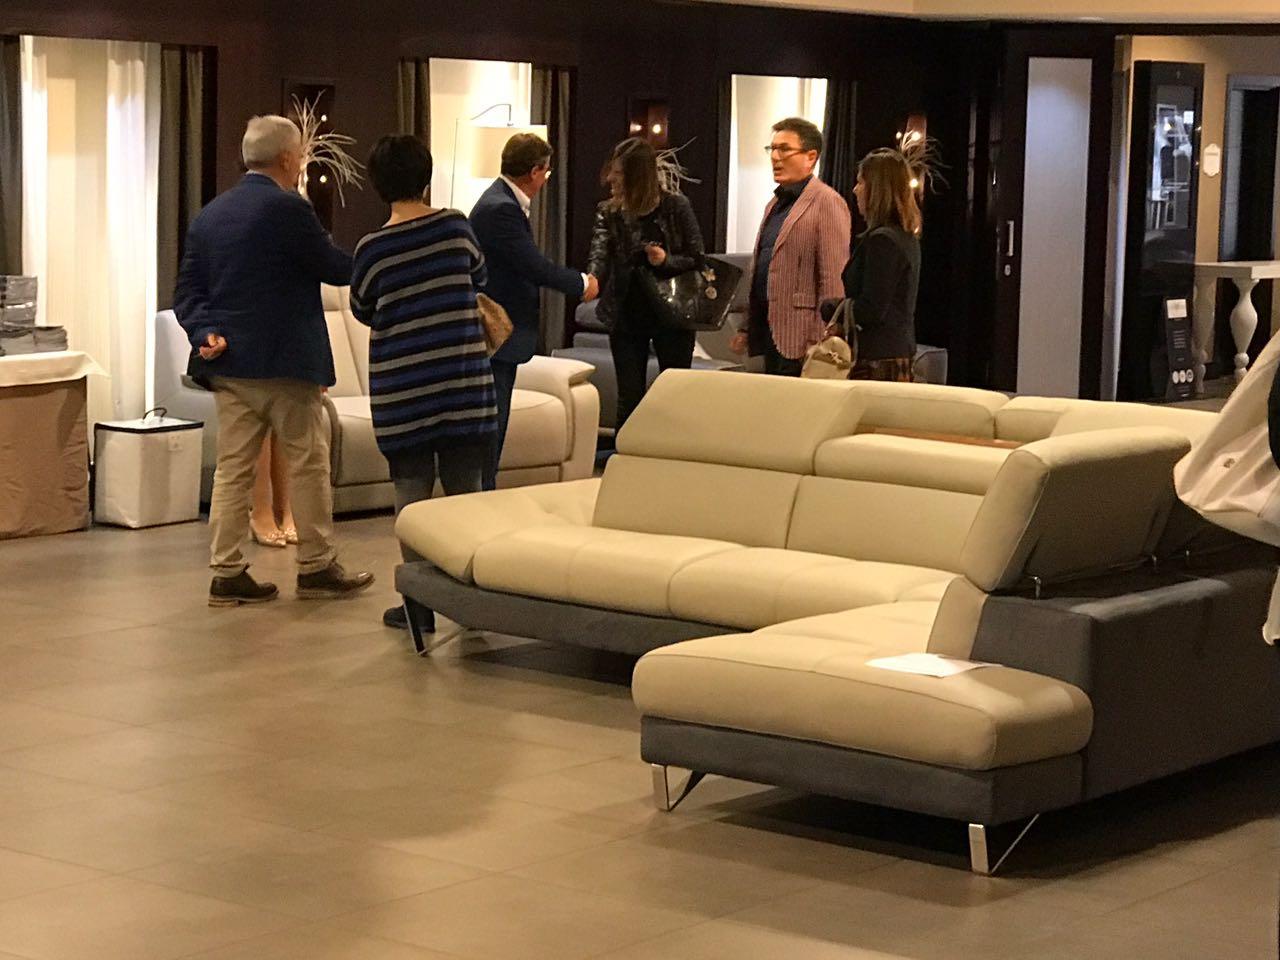 Salotti Calabria Moncalieri.Cubo Lancio Portalecuborosso Rosso Meeting Calabria Store